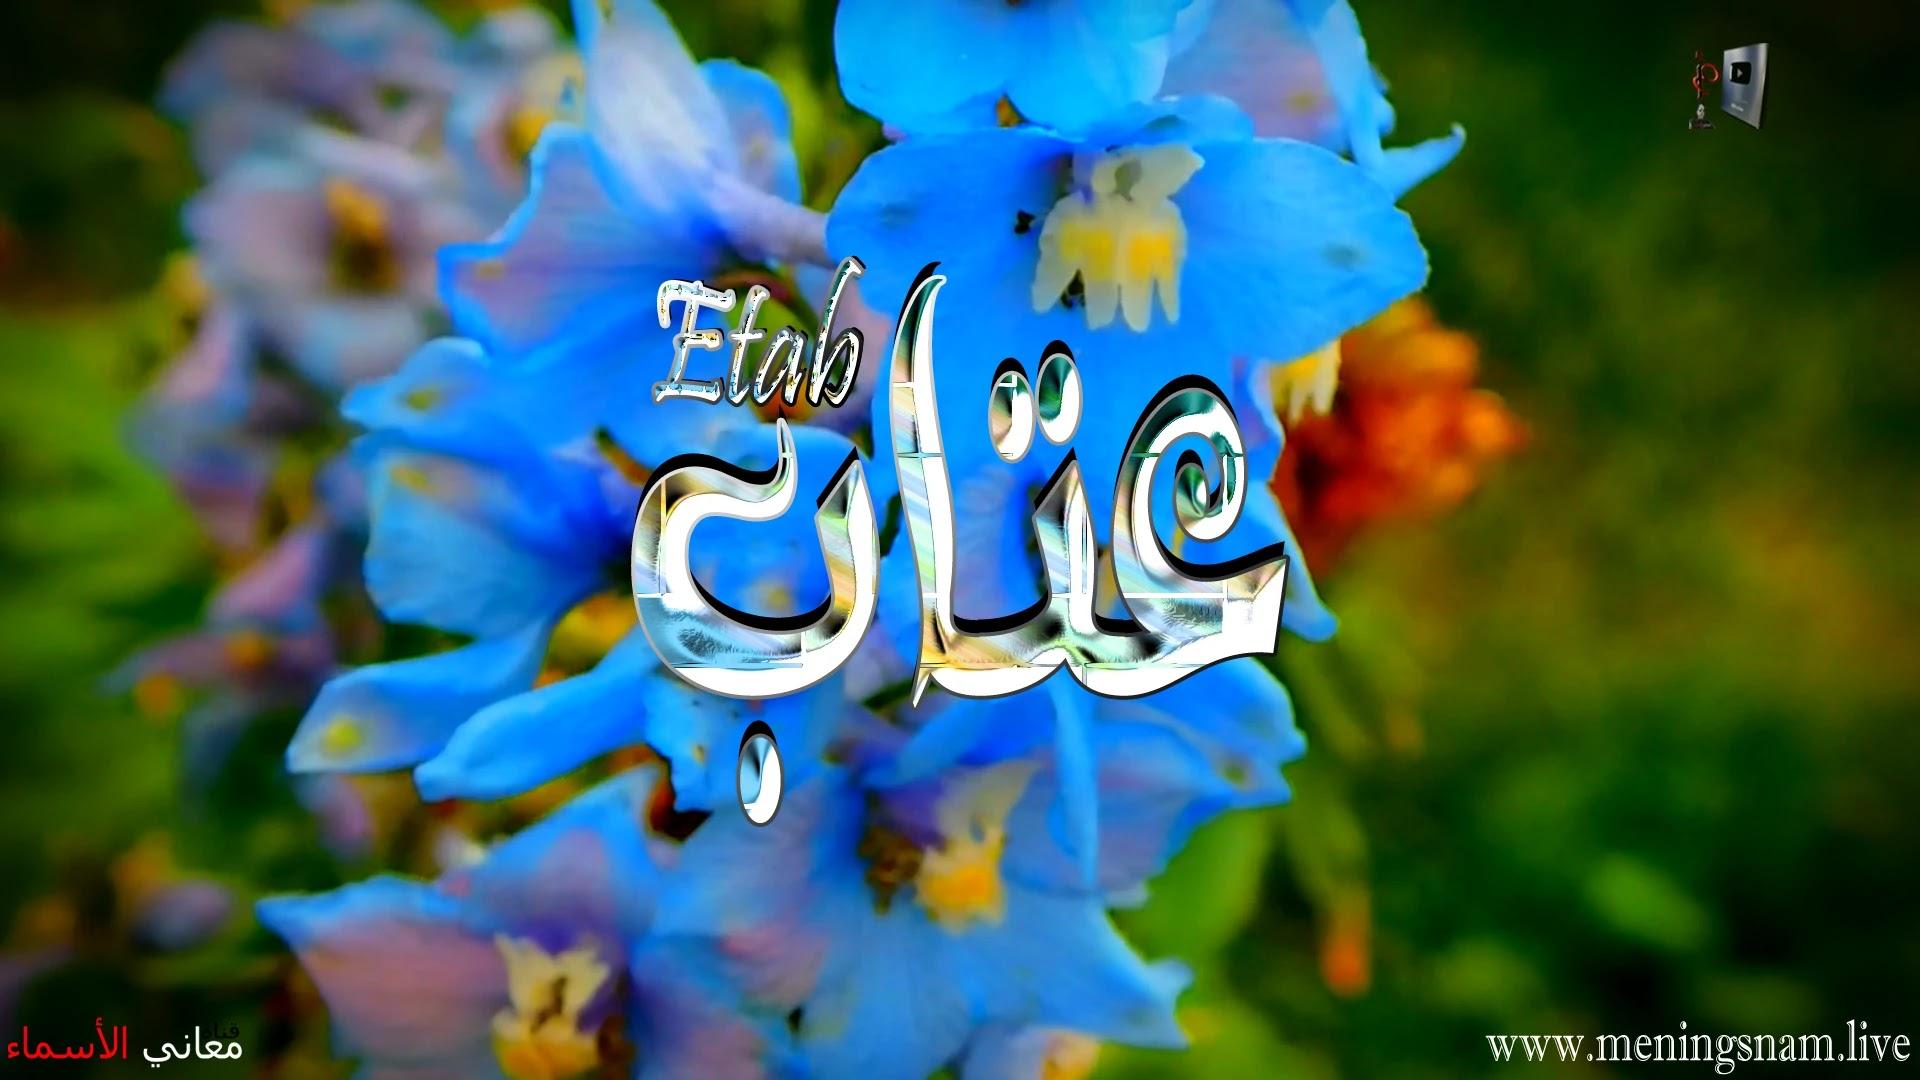 معنى اسم عتاب وصفات حاملة هذا الاسم Etab